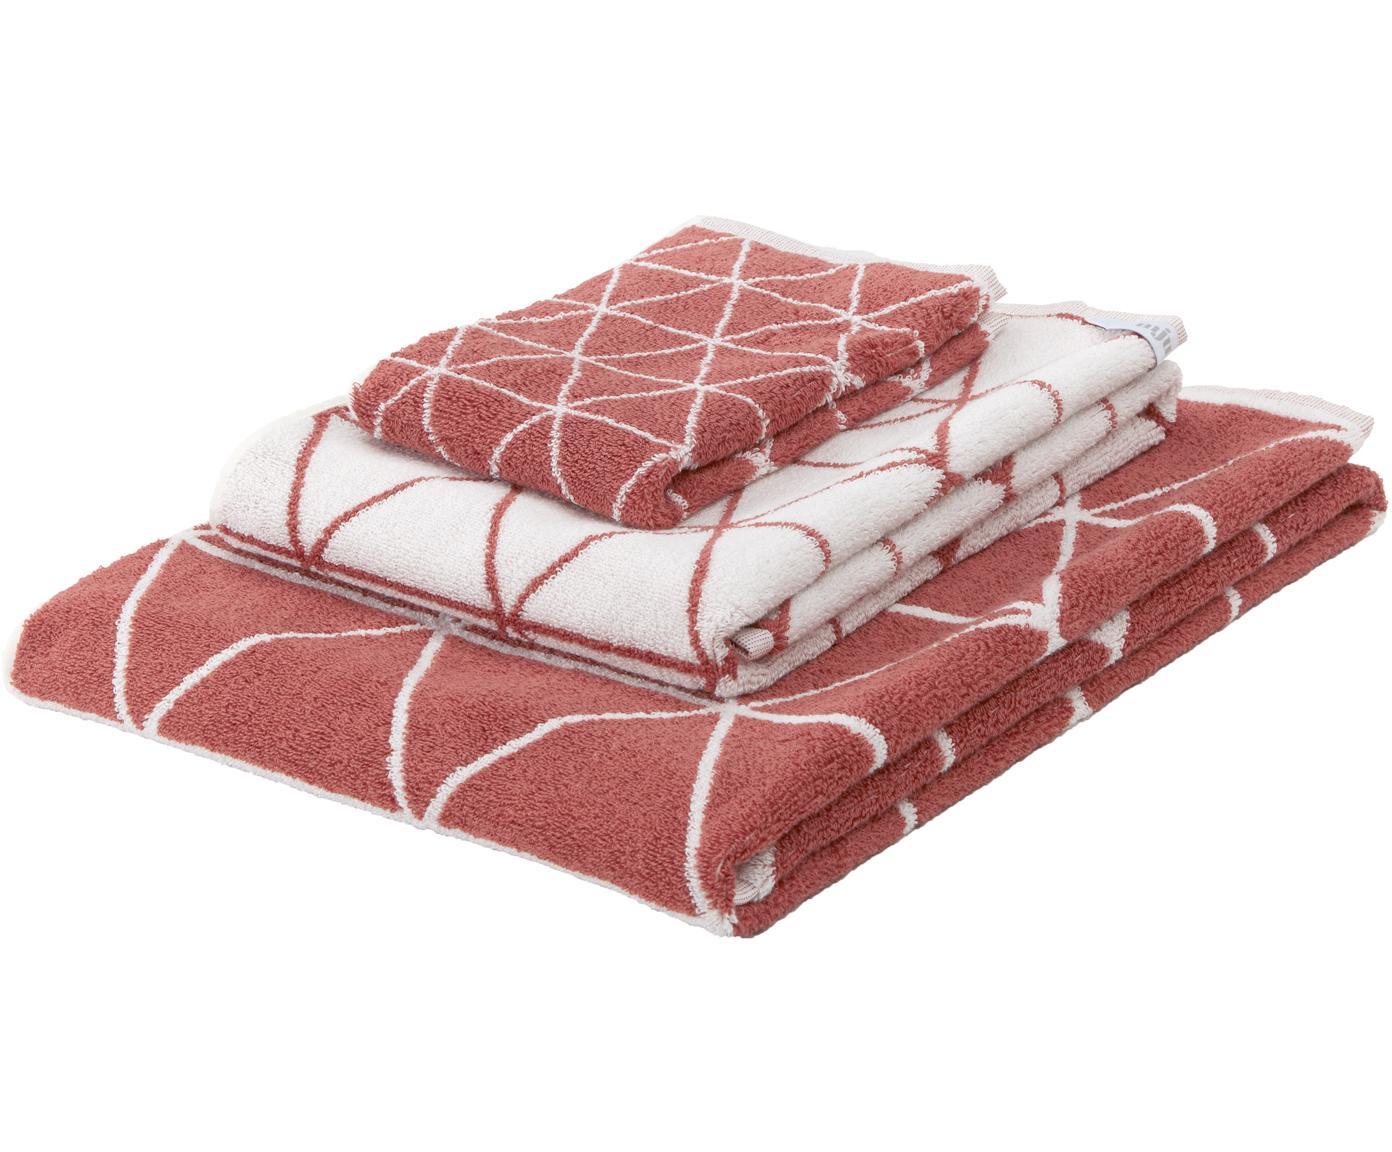 Dubbelzijdige handdoekenset Elina, 3-delig, 100% katoen, middelzware kwaliteit, 550 g/m², Terracotta, crèmewit, Verschillende formaten